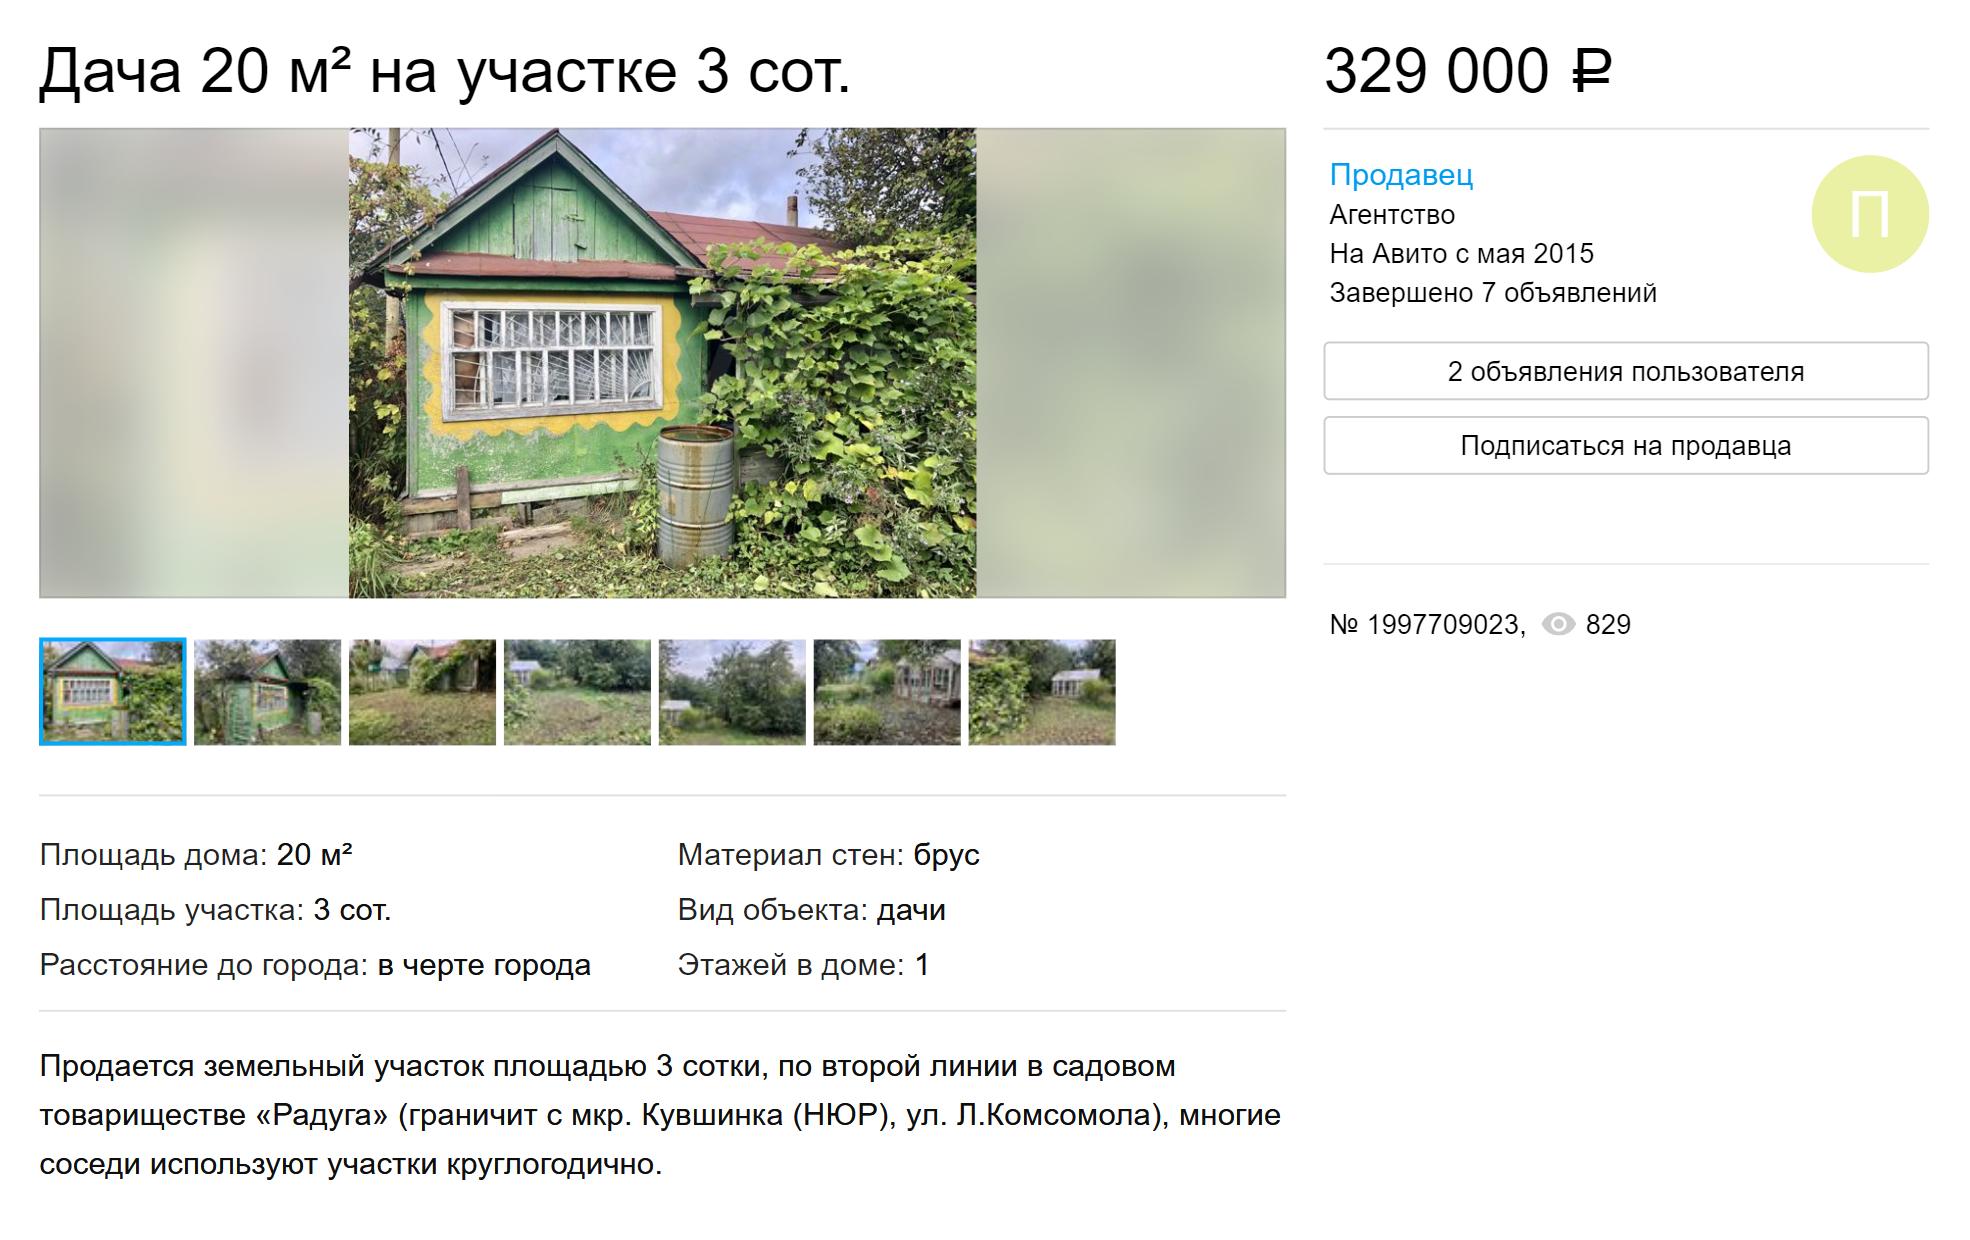 Дачный домик в&nbsp;черте города с&nbsp;электричеством и&nbsp;водопроводом на&nbsp;участке продают за&nbsp;349&nbsp;000&nbsp;<span class=ruble>Р</span>